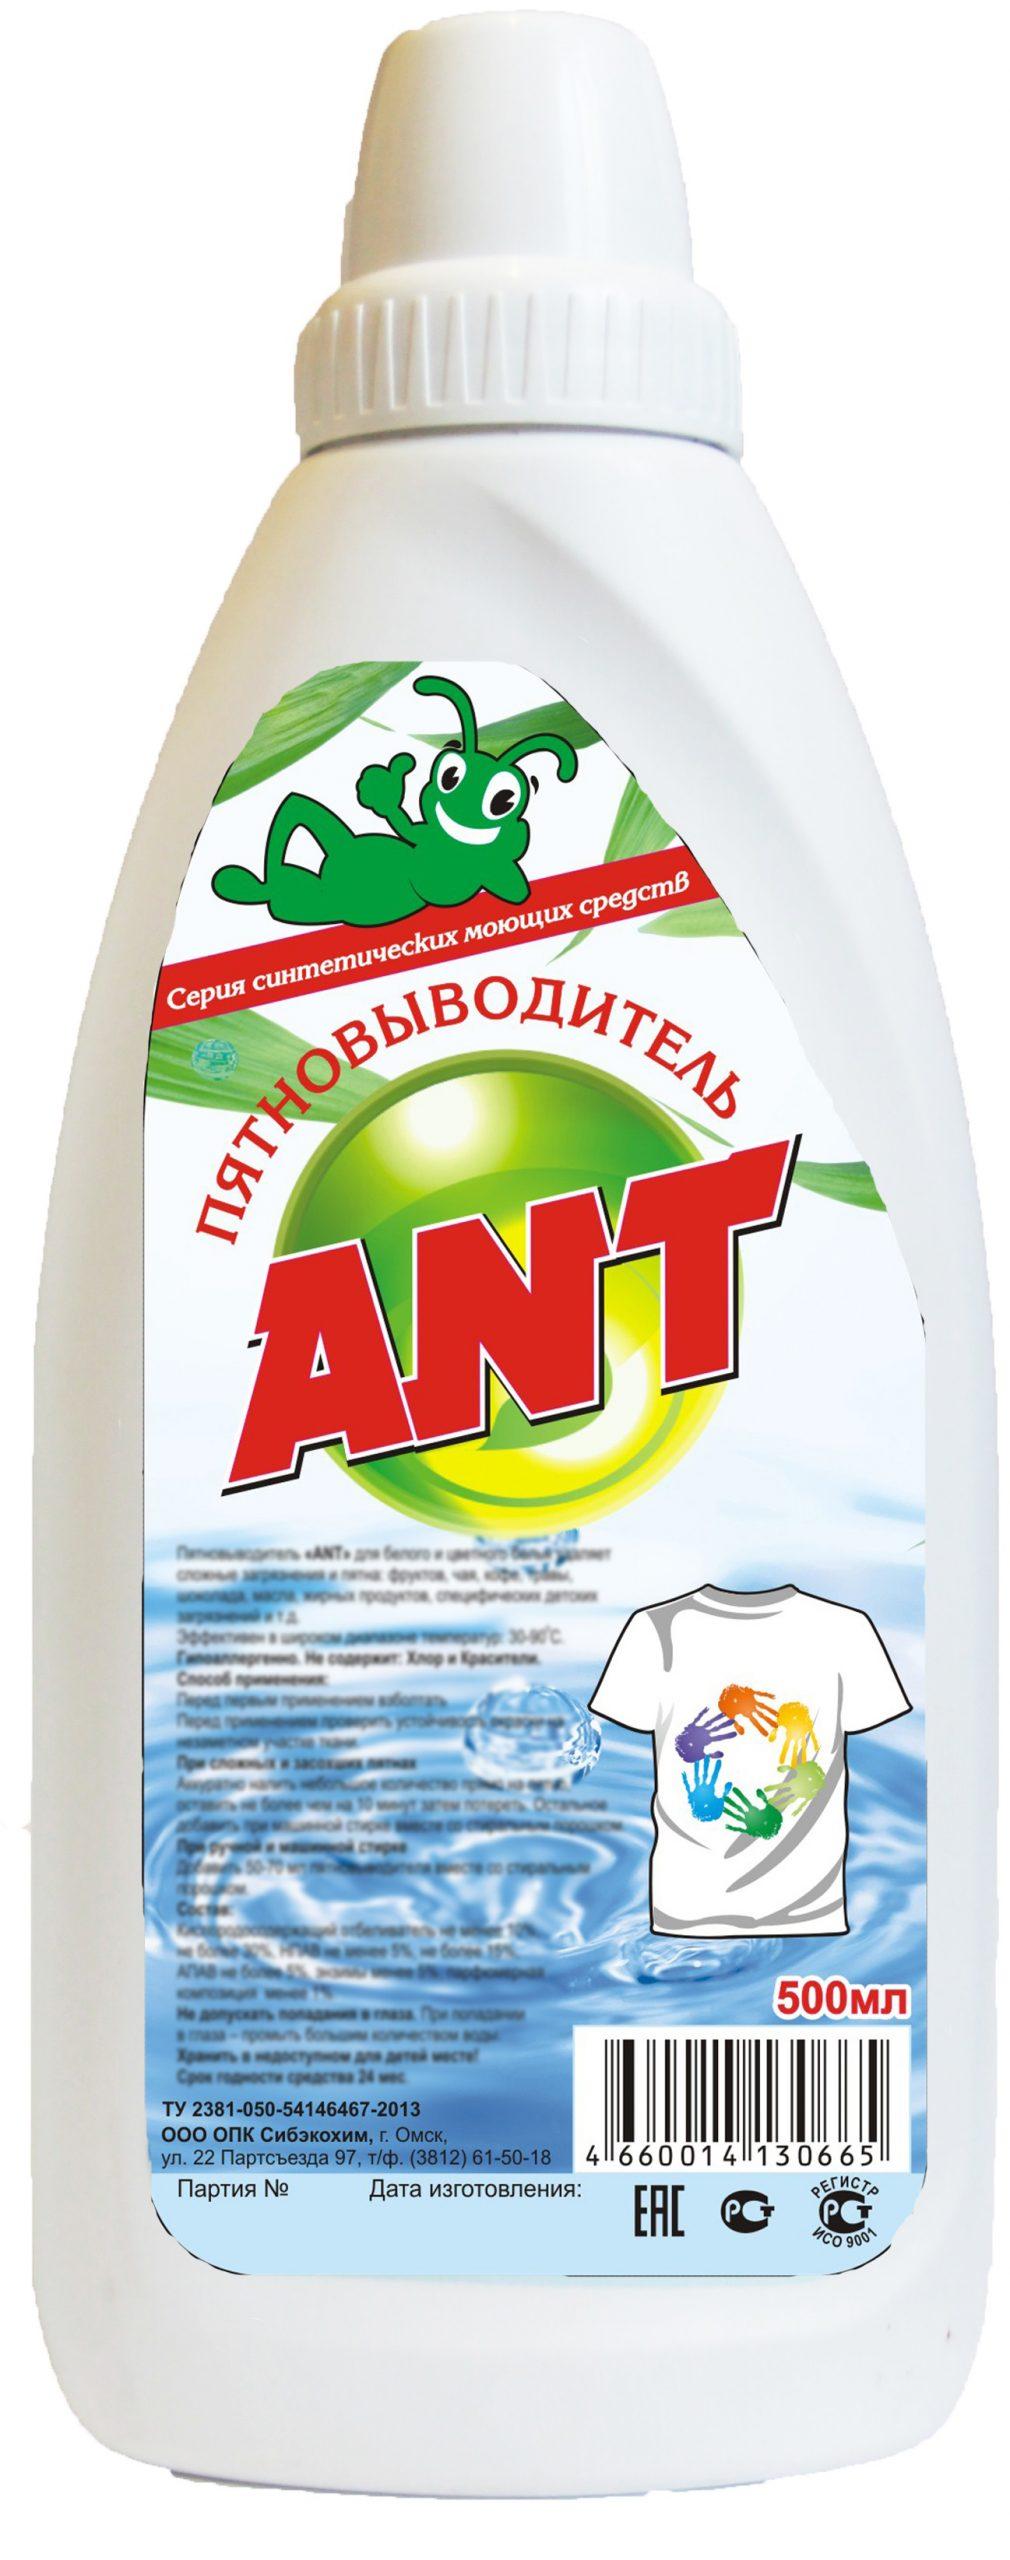 Фото 2 Пятновыводитель жидкий ANT